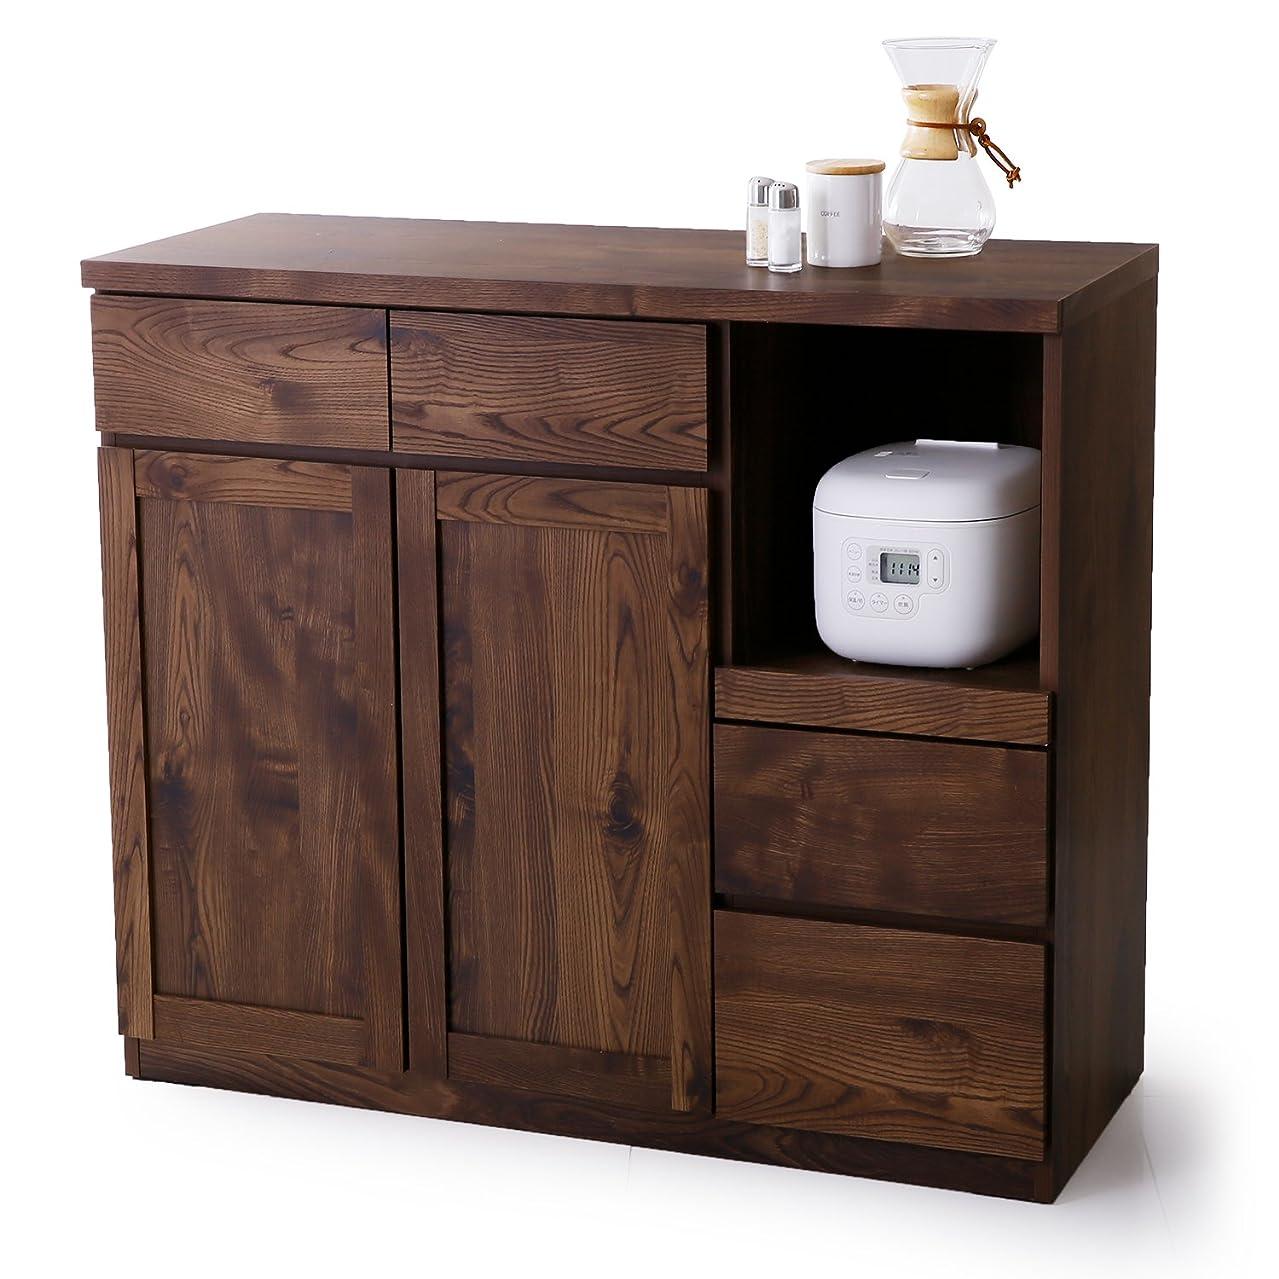 高原与える横LOWYA キッチンカウンター レンジ台 引き出し 可動棚 ロータイプ 国産 幅105 ブラウン